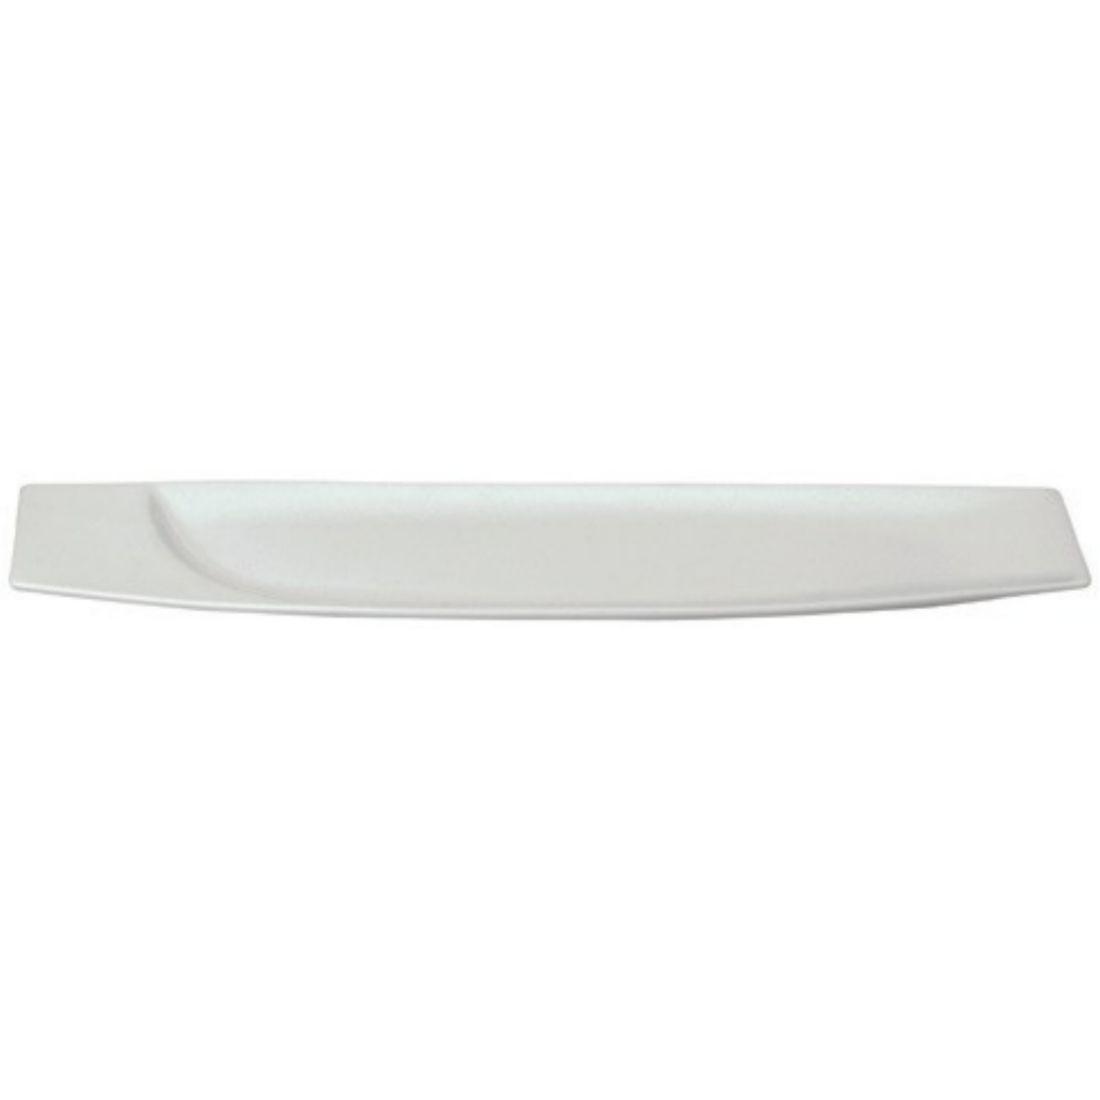 Mazza talíř obdélný  44 x 10,5 cm